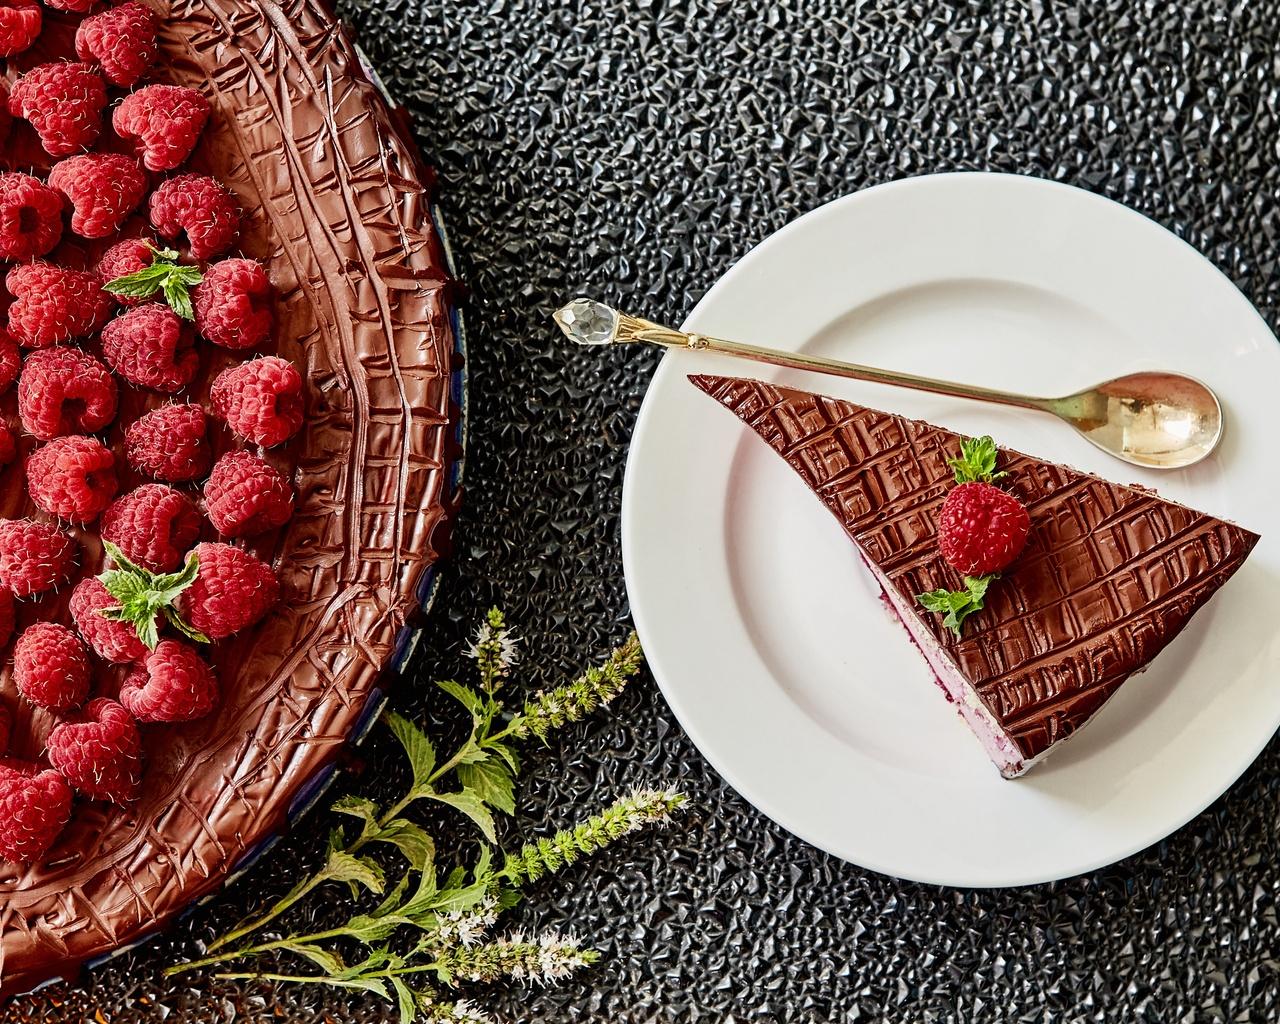 cake-fruit-pastry-raspberry-kj.jpg